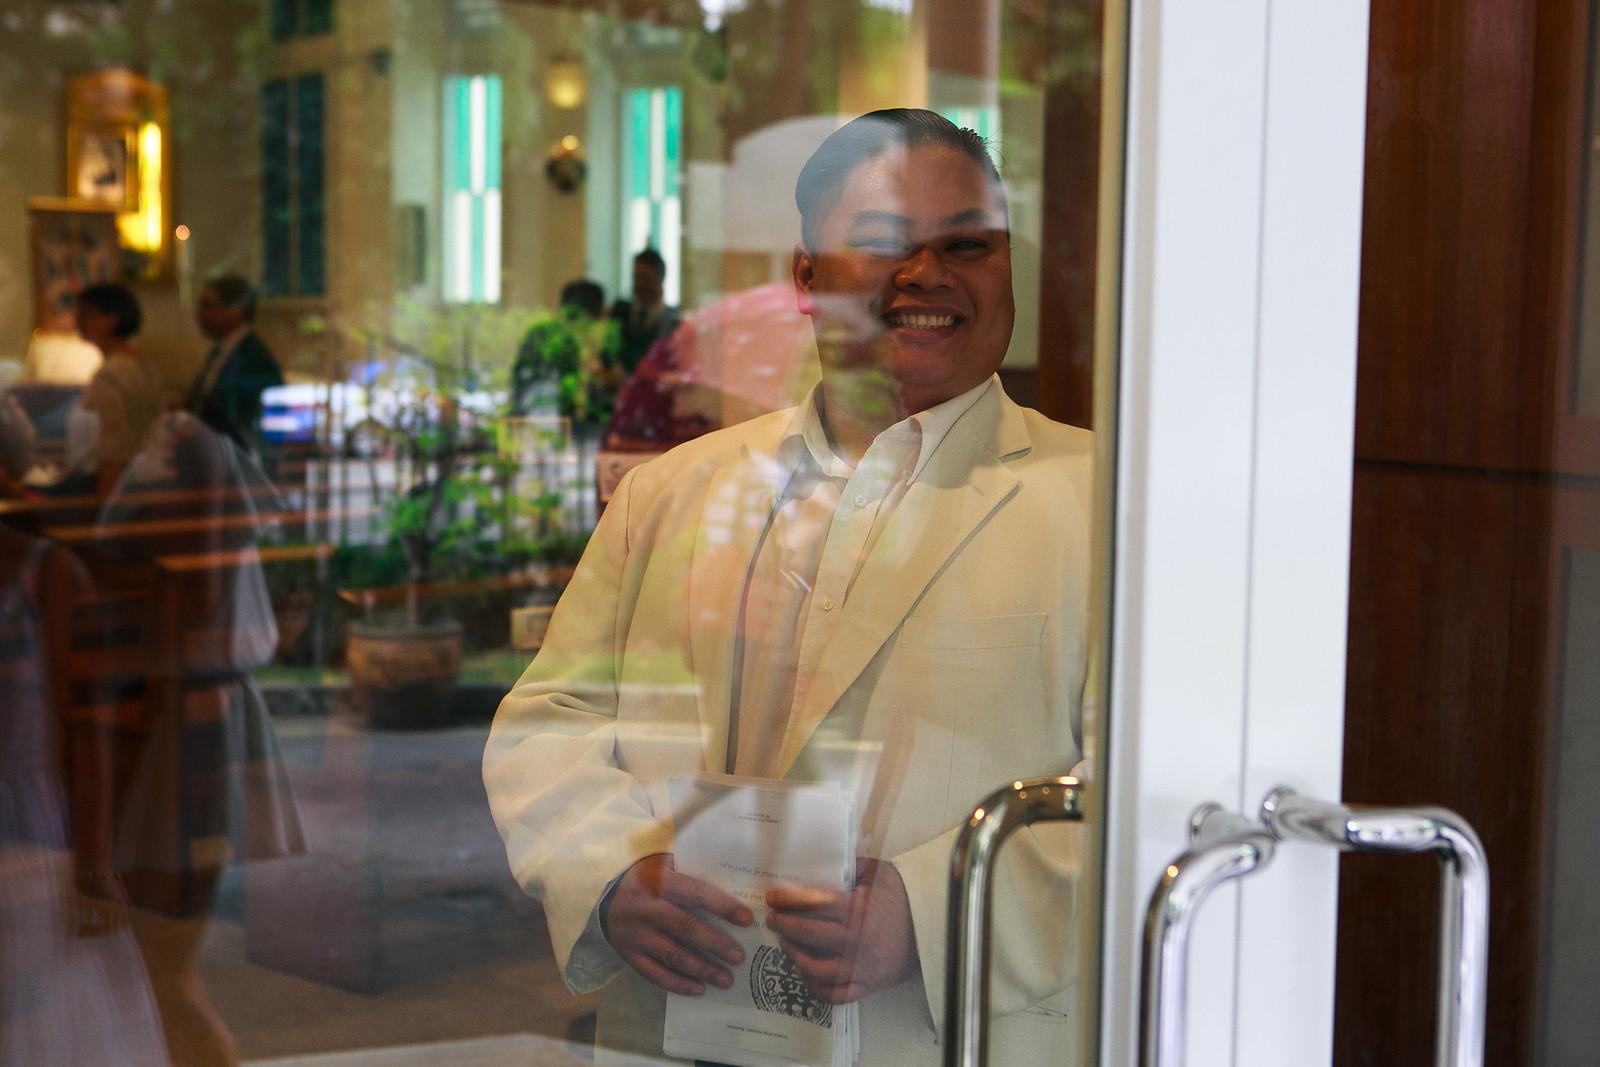 新加坡婚禮_顏氏牧場,後院婚禮,極光婚紗,海外婚紗,京都婚紗,海外婚禮,草地婚禮,戶外婚禮,旋轉木馬_0021